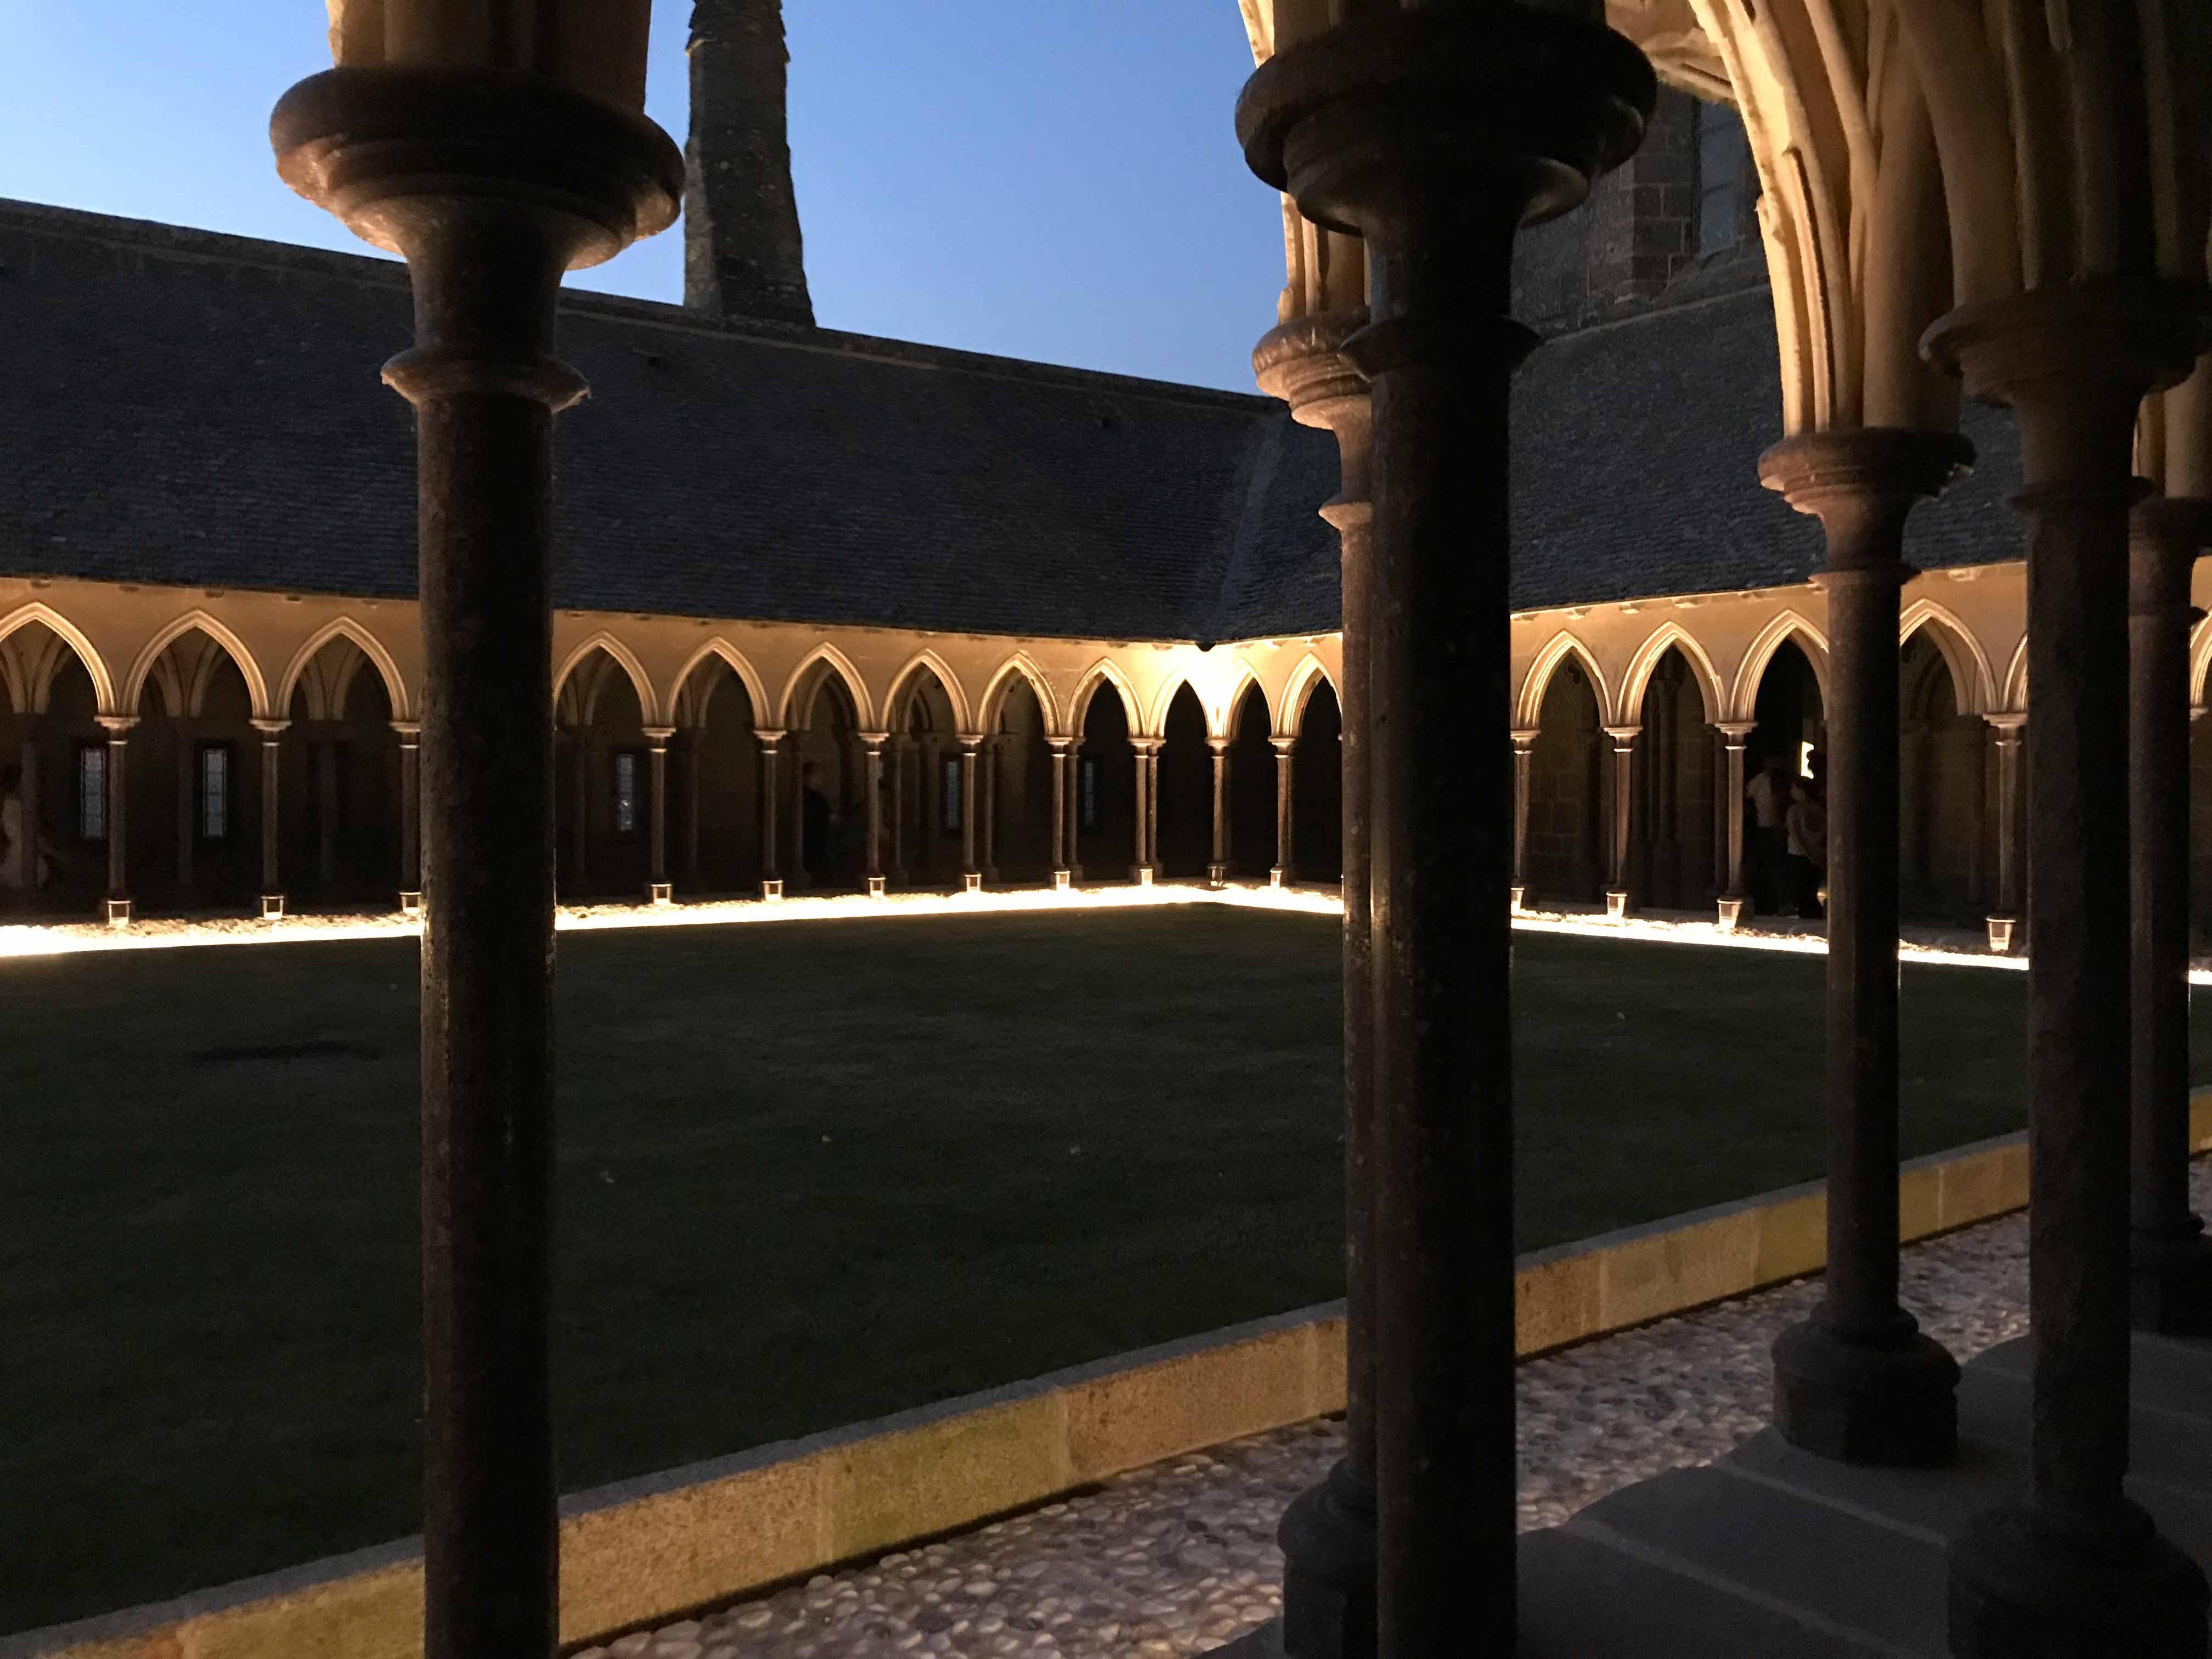 モン・サン・ミッシェル修道院のライトアップされた回廊